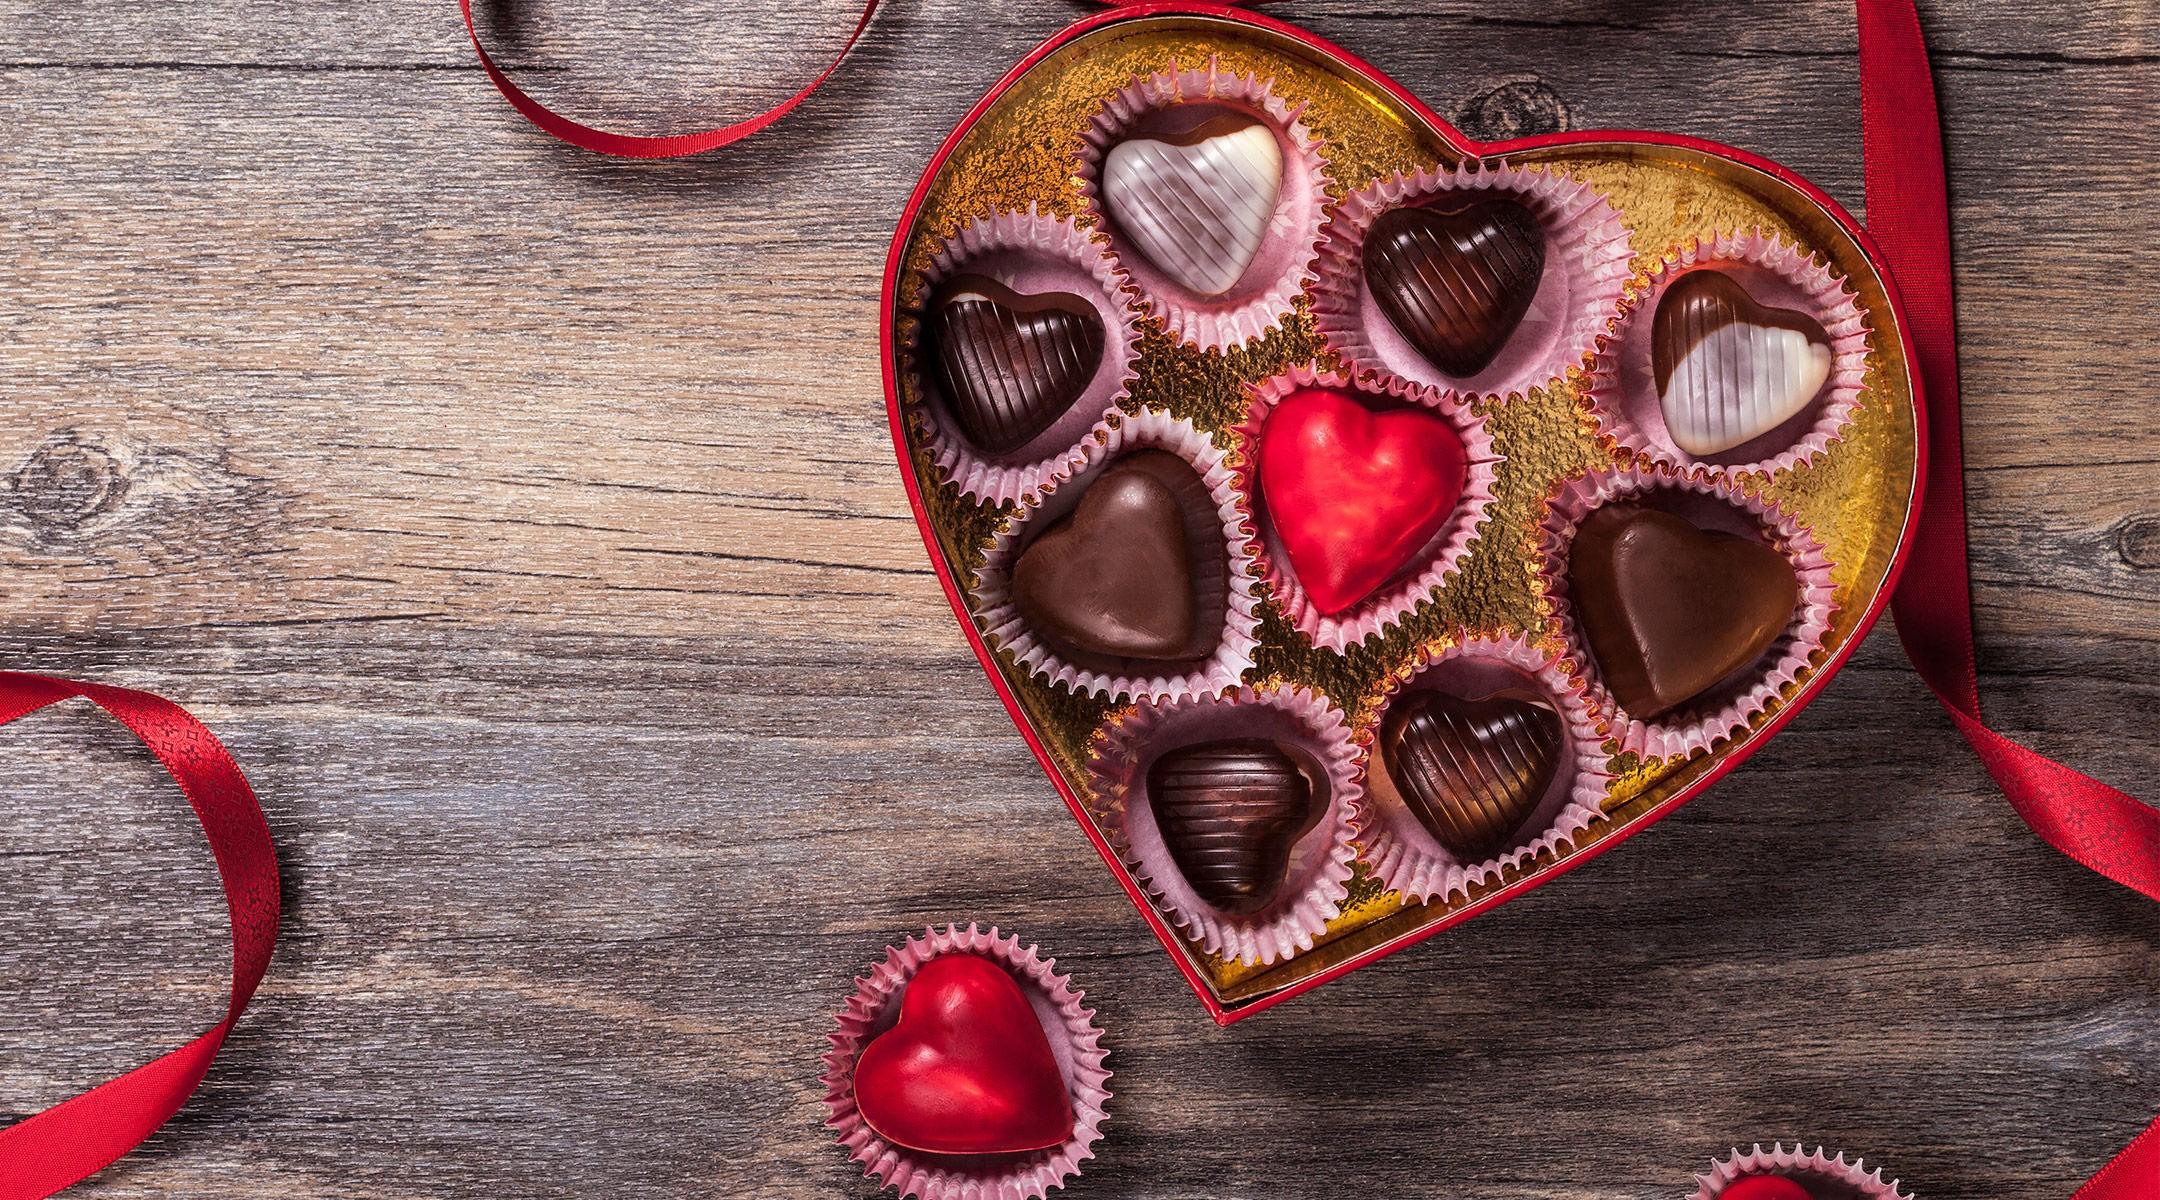 Chocolat comme cadeau pour votre bien-aimé.